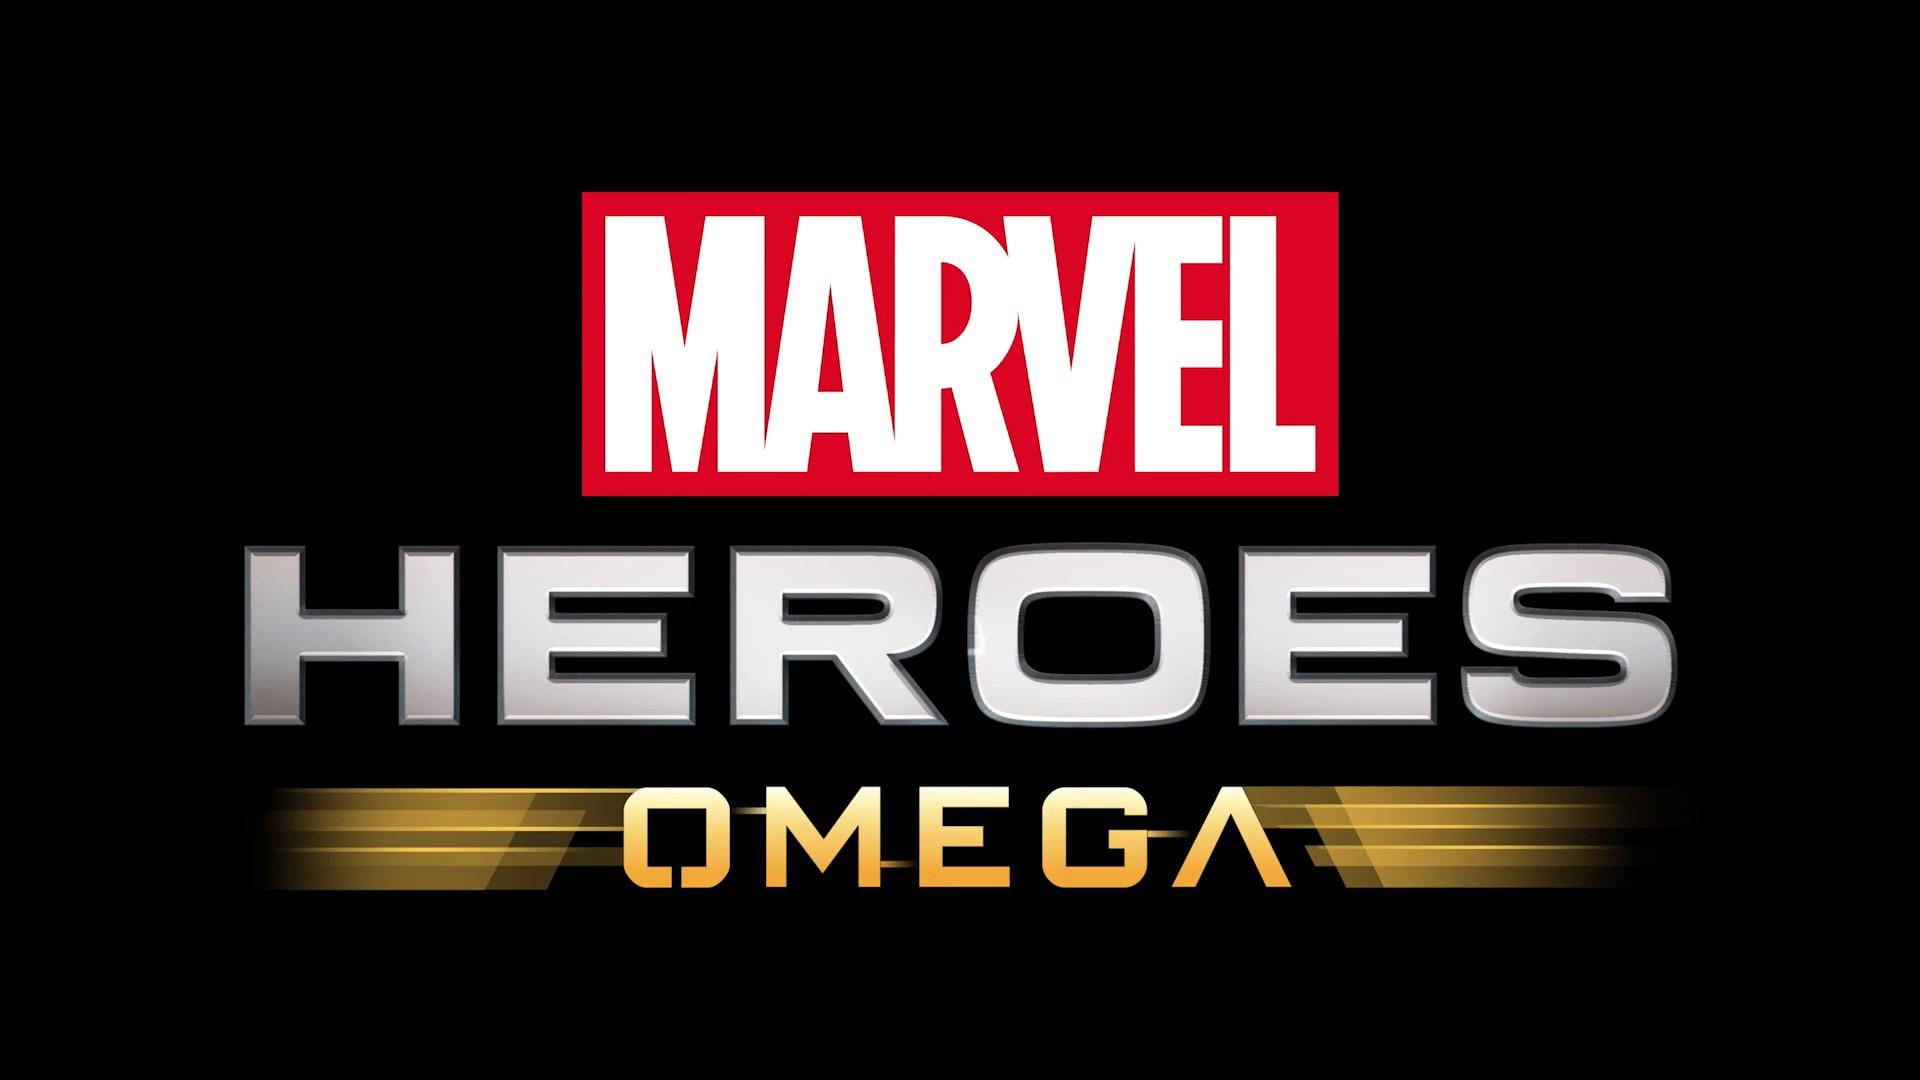 Marvel Heroes Omega переберётся на консоли